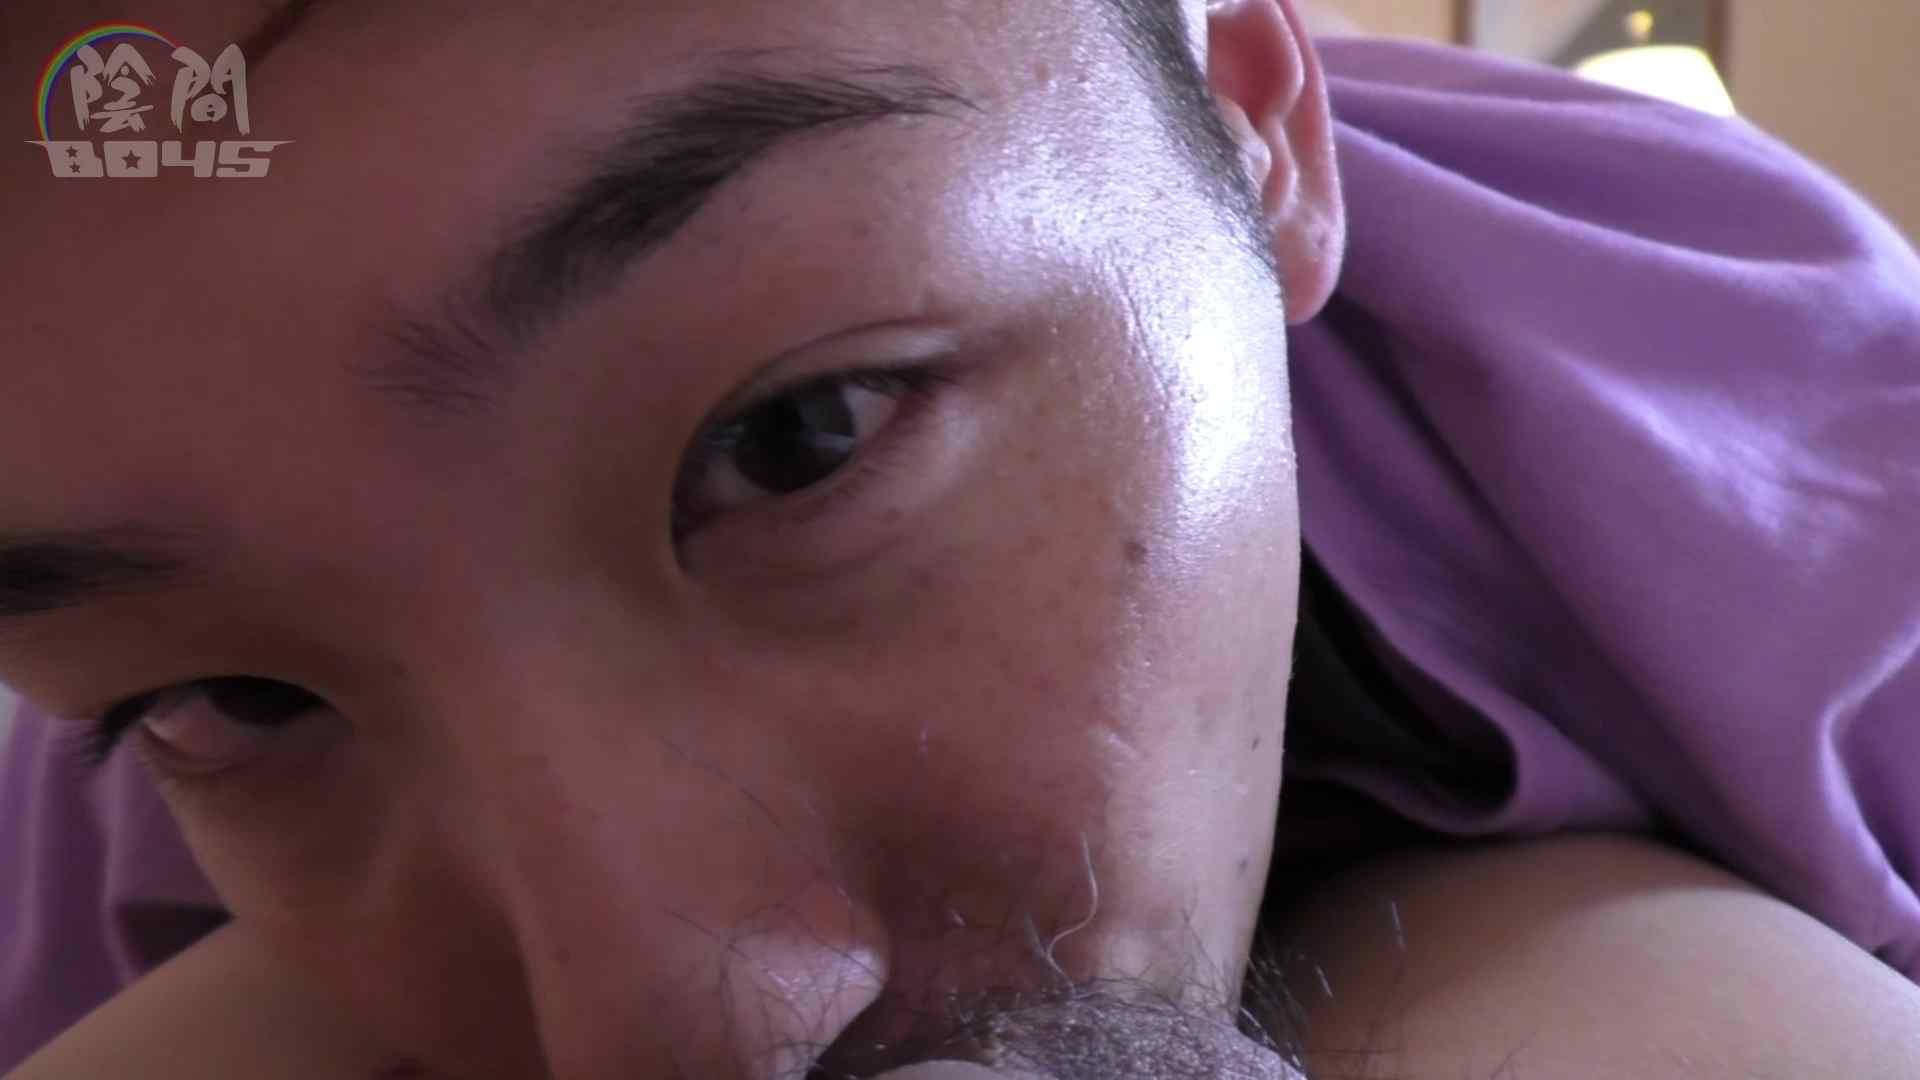 デカチン探偵・かしこまり!Part1File.06 悪戯動画 ゲイ無修正ビデオ画像 60pic 14